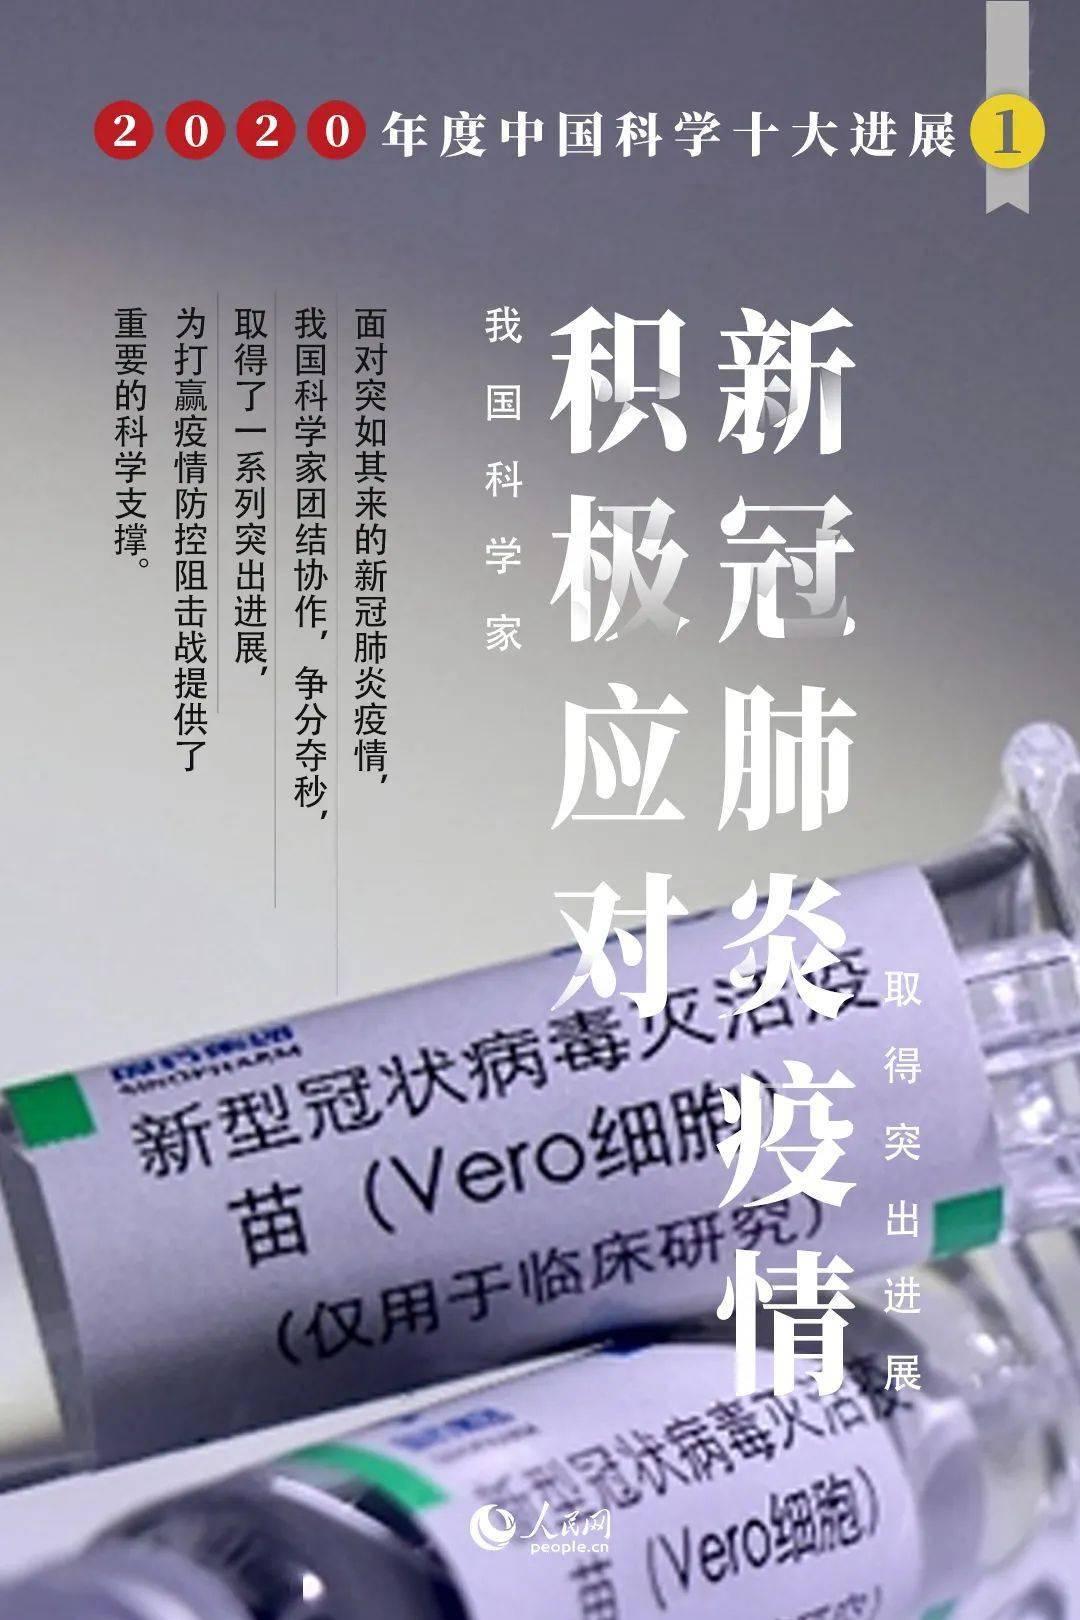 刚刚,2020年度中国科学十大进展揭晓!